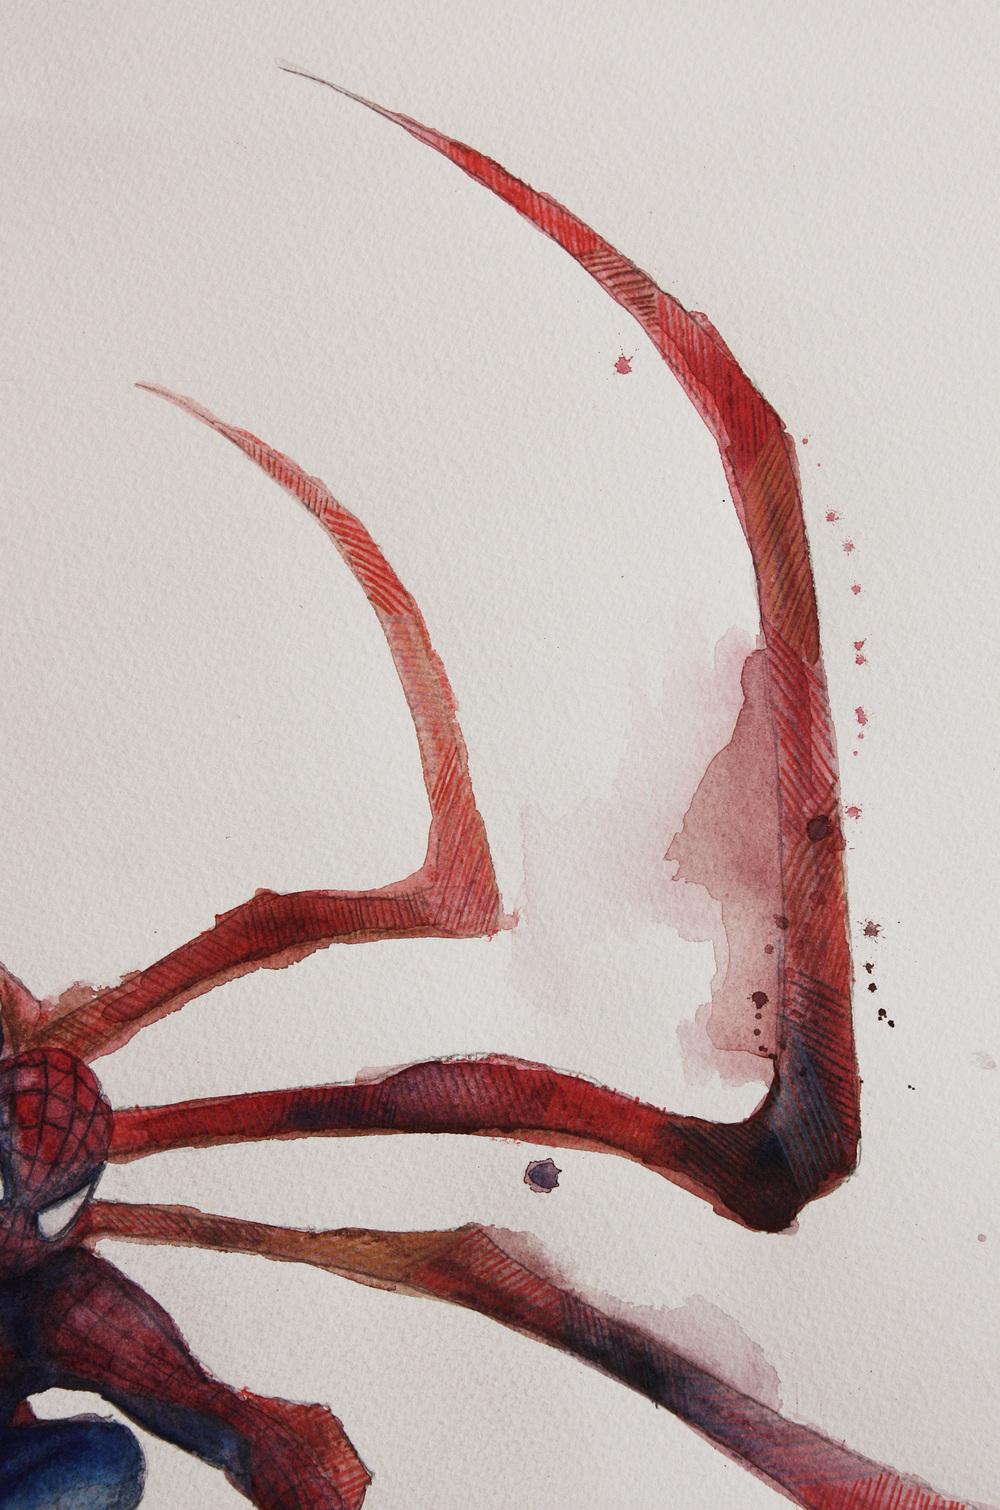 SPIDER_03.jpg